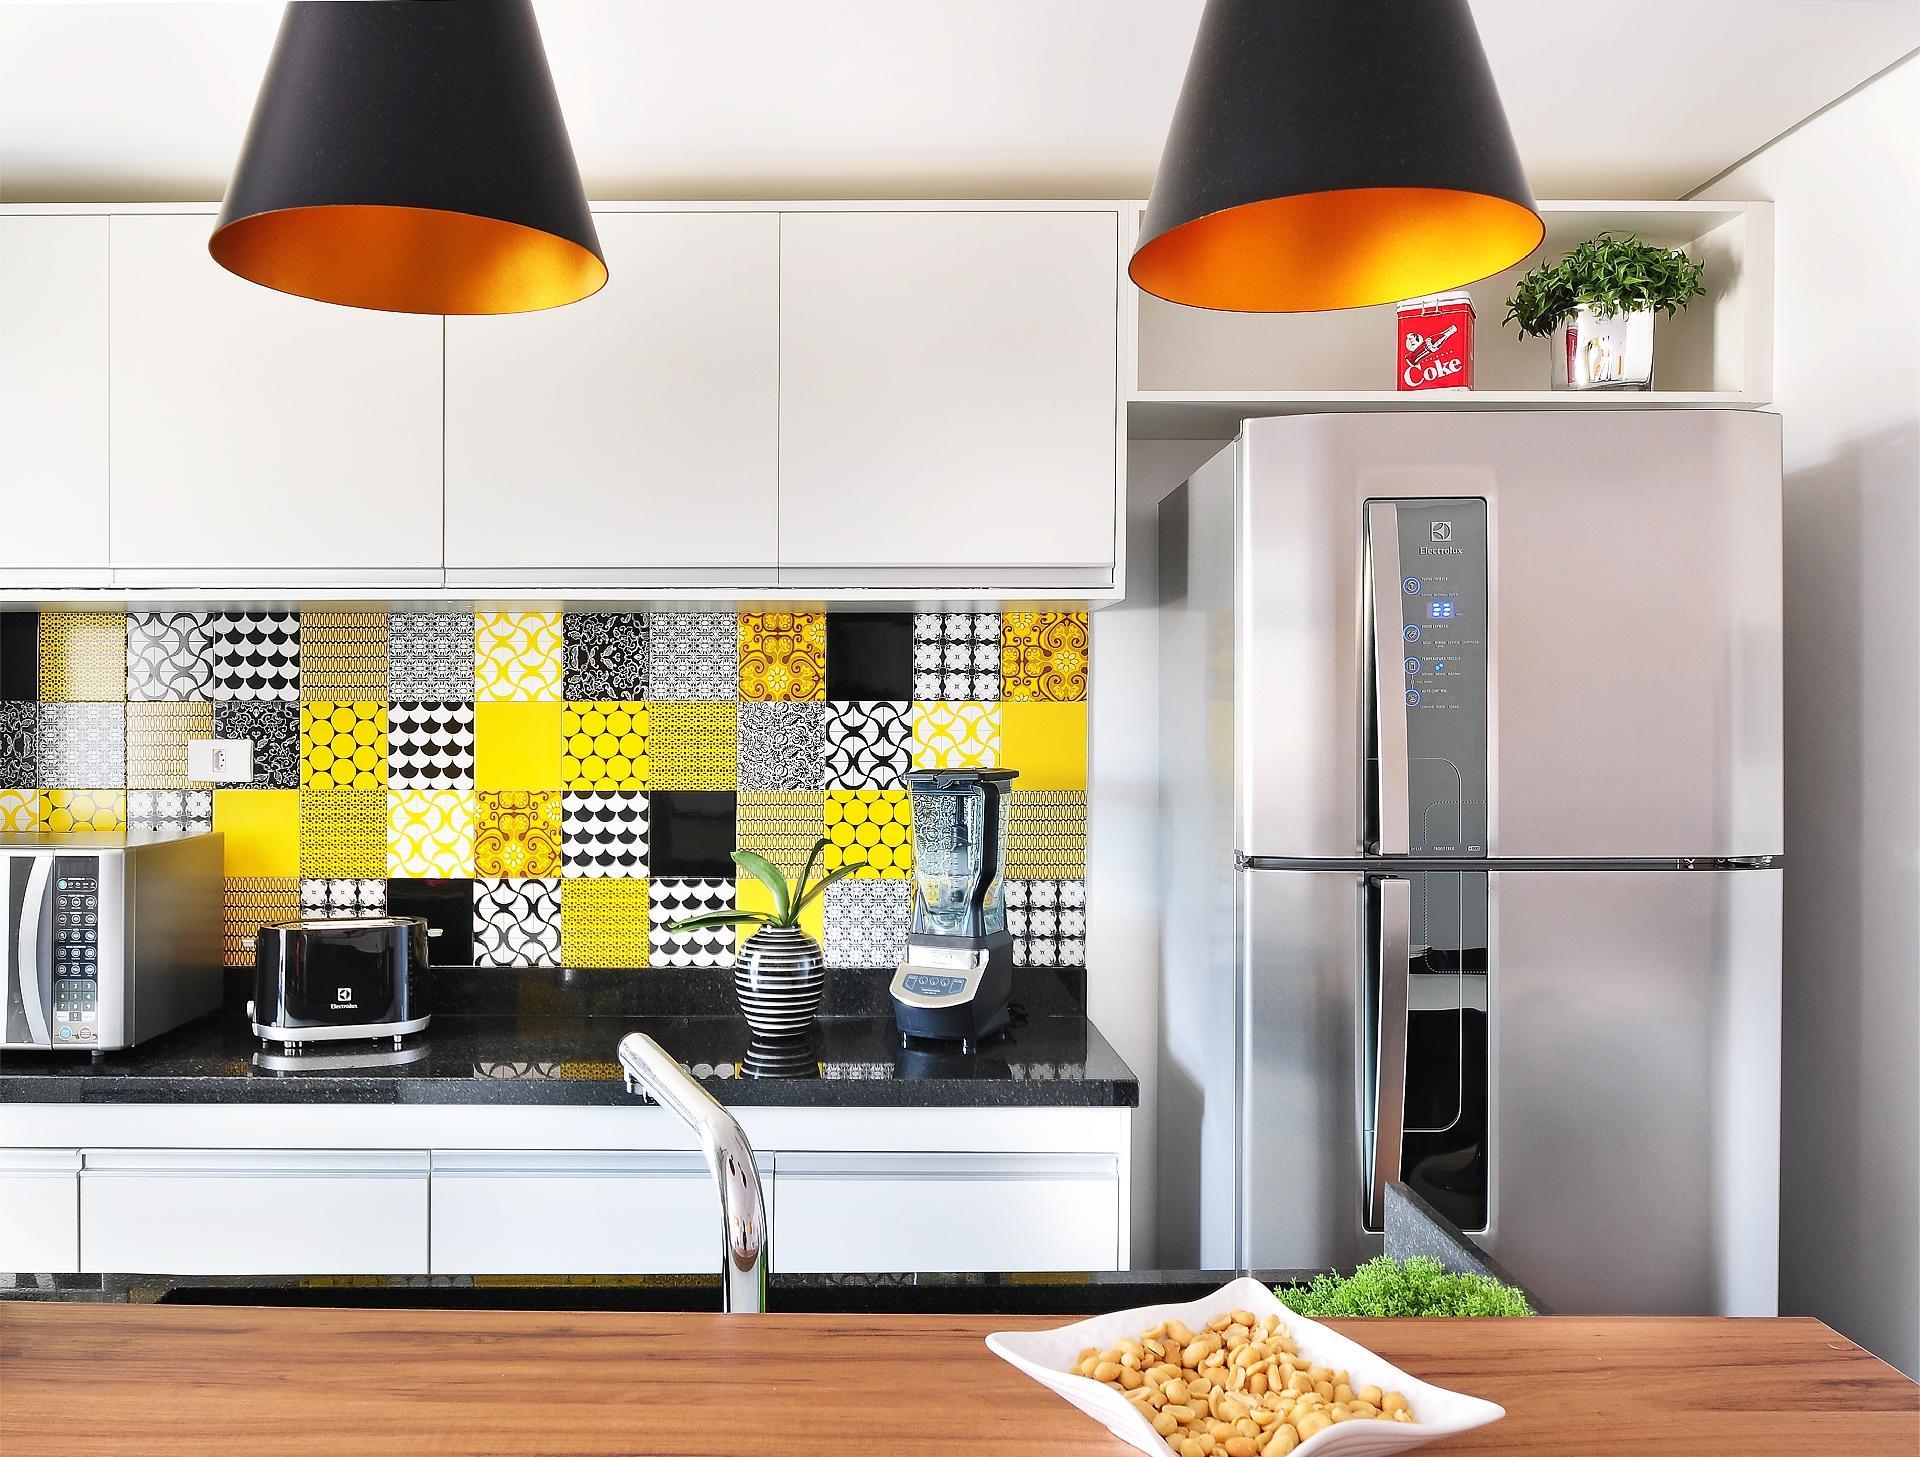 O grande destaque da proposta do IBD Arquitetura e Interiores para o apartamento Patch 01 é o revestimento da parede da cozinha feito com os azulejos (Pavão Revestimentos) com padronagens diversas, mas sempre em amarelo e preto. A partir dessa composição, todo projeto de design foi desenvolvido. À direita, a geladeira metálica dá o tom de modernidade ao imóvel na Cantareira, em São Paulo